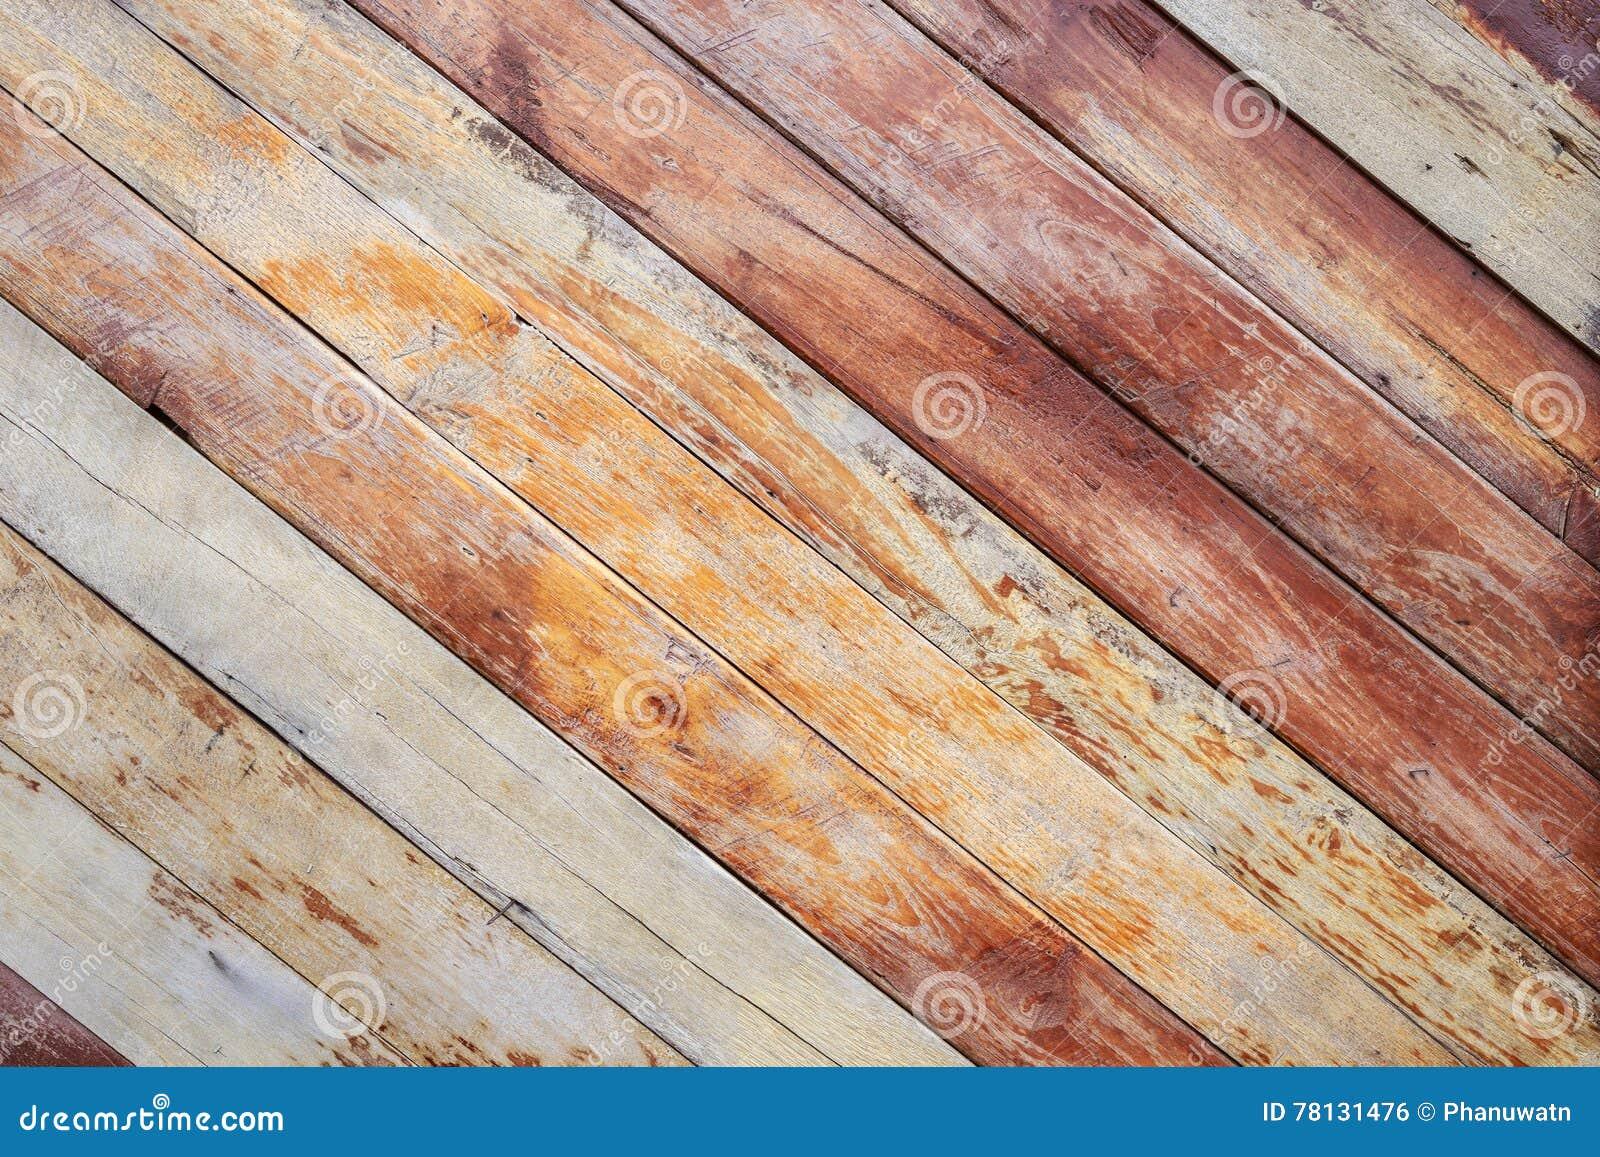 Suelo de madera exterior affordable rastrel de madera - Suelos de madera exterior ...